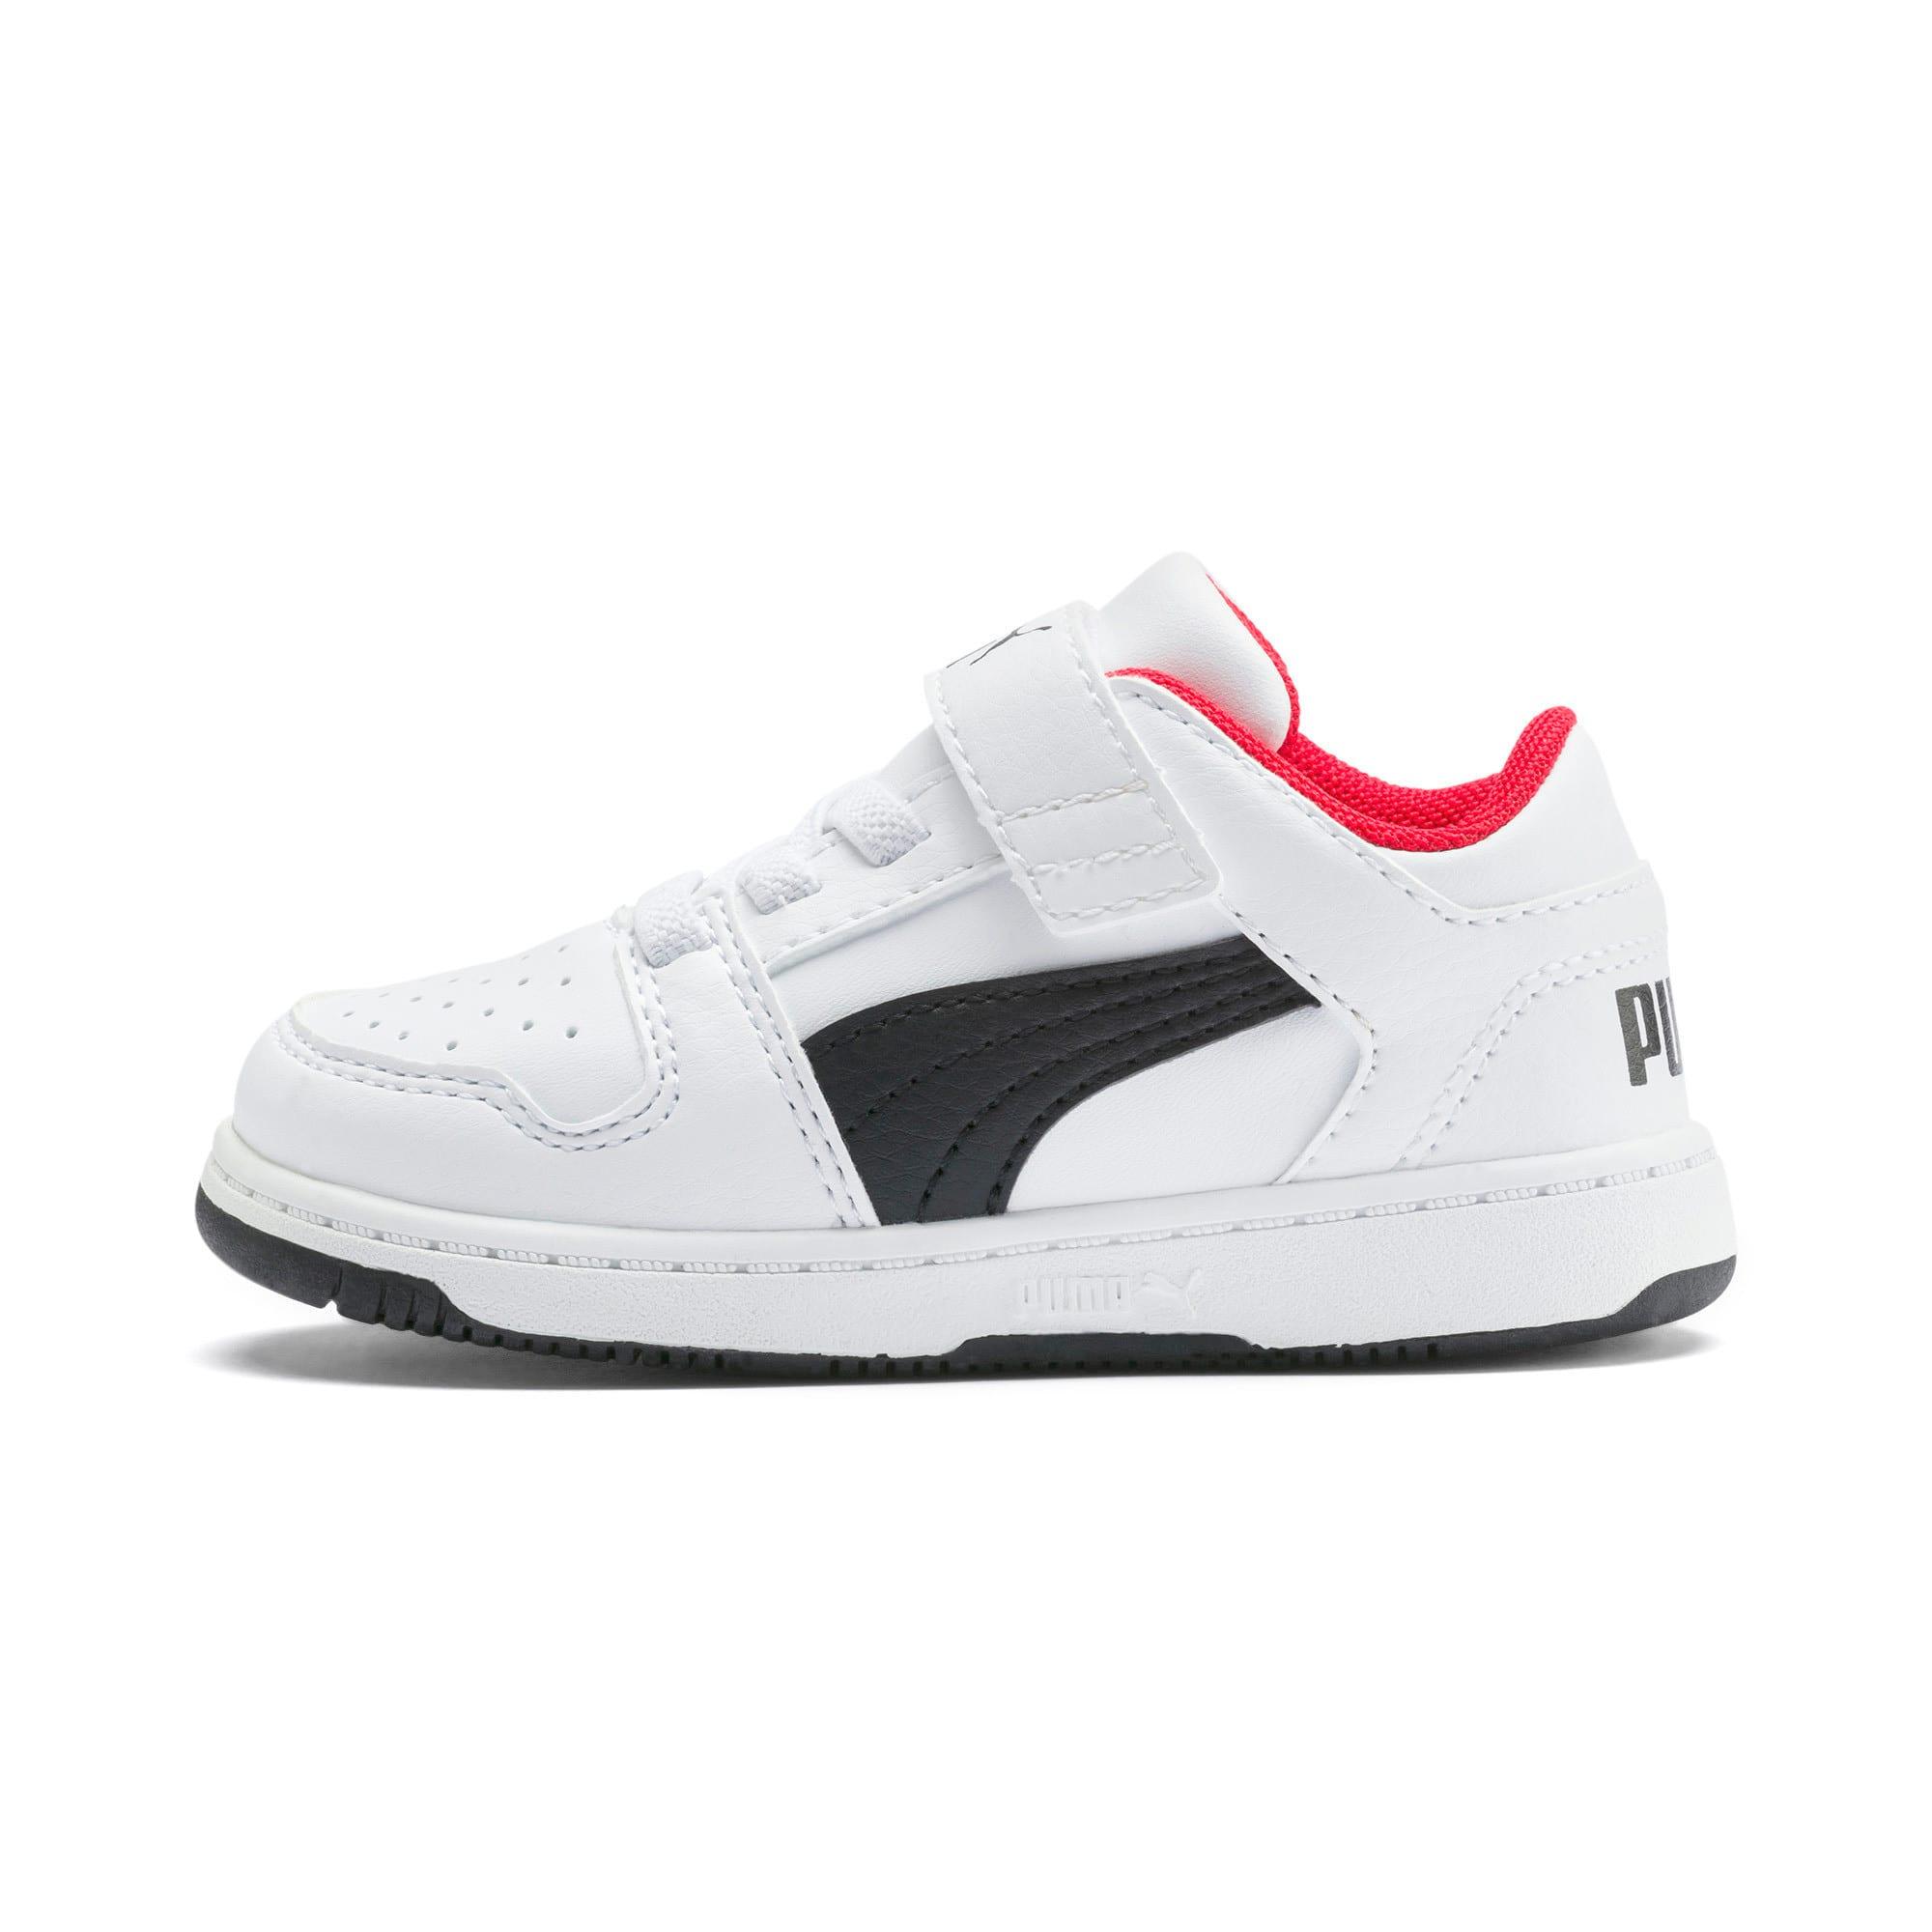 Miniatura 1 de Zapatos deportivos PUMA Rebound LayUp Lo para INF, Puma White-Puma Black-Red, mediano